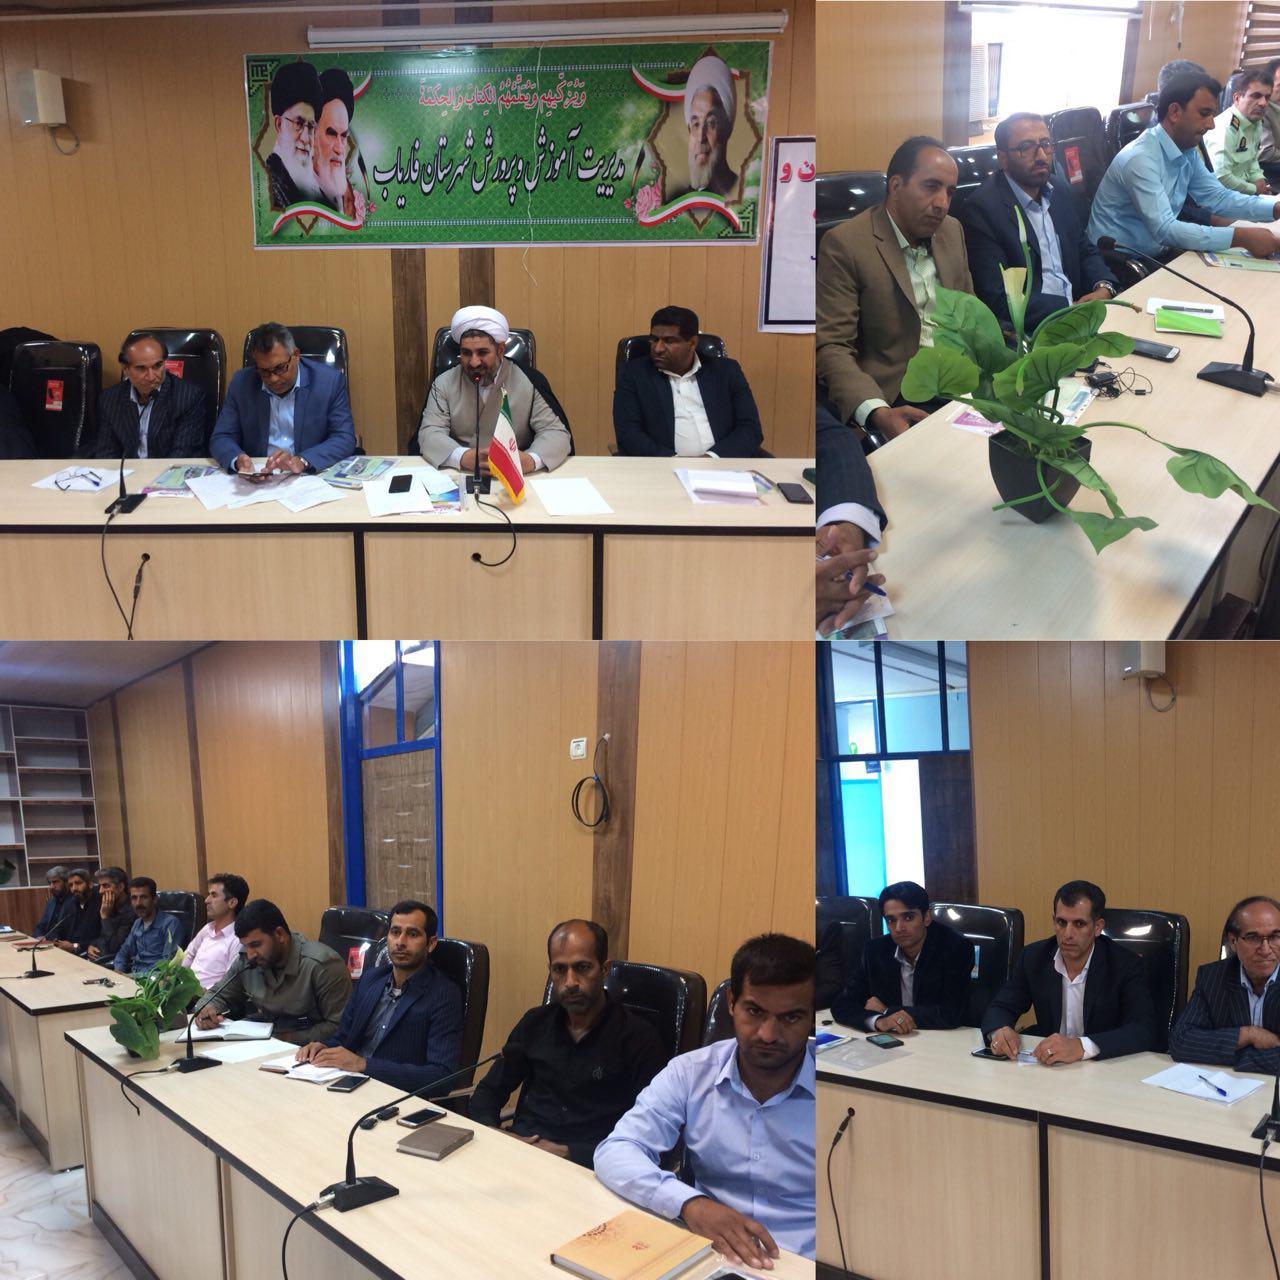 جلسه شورای پدافند غیر عامل شهرستان فاریاب تشکیل شد